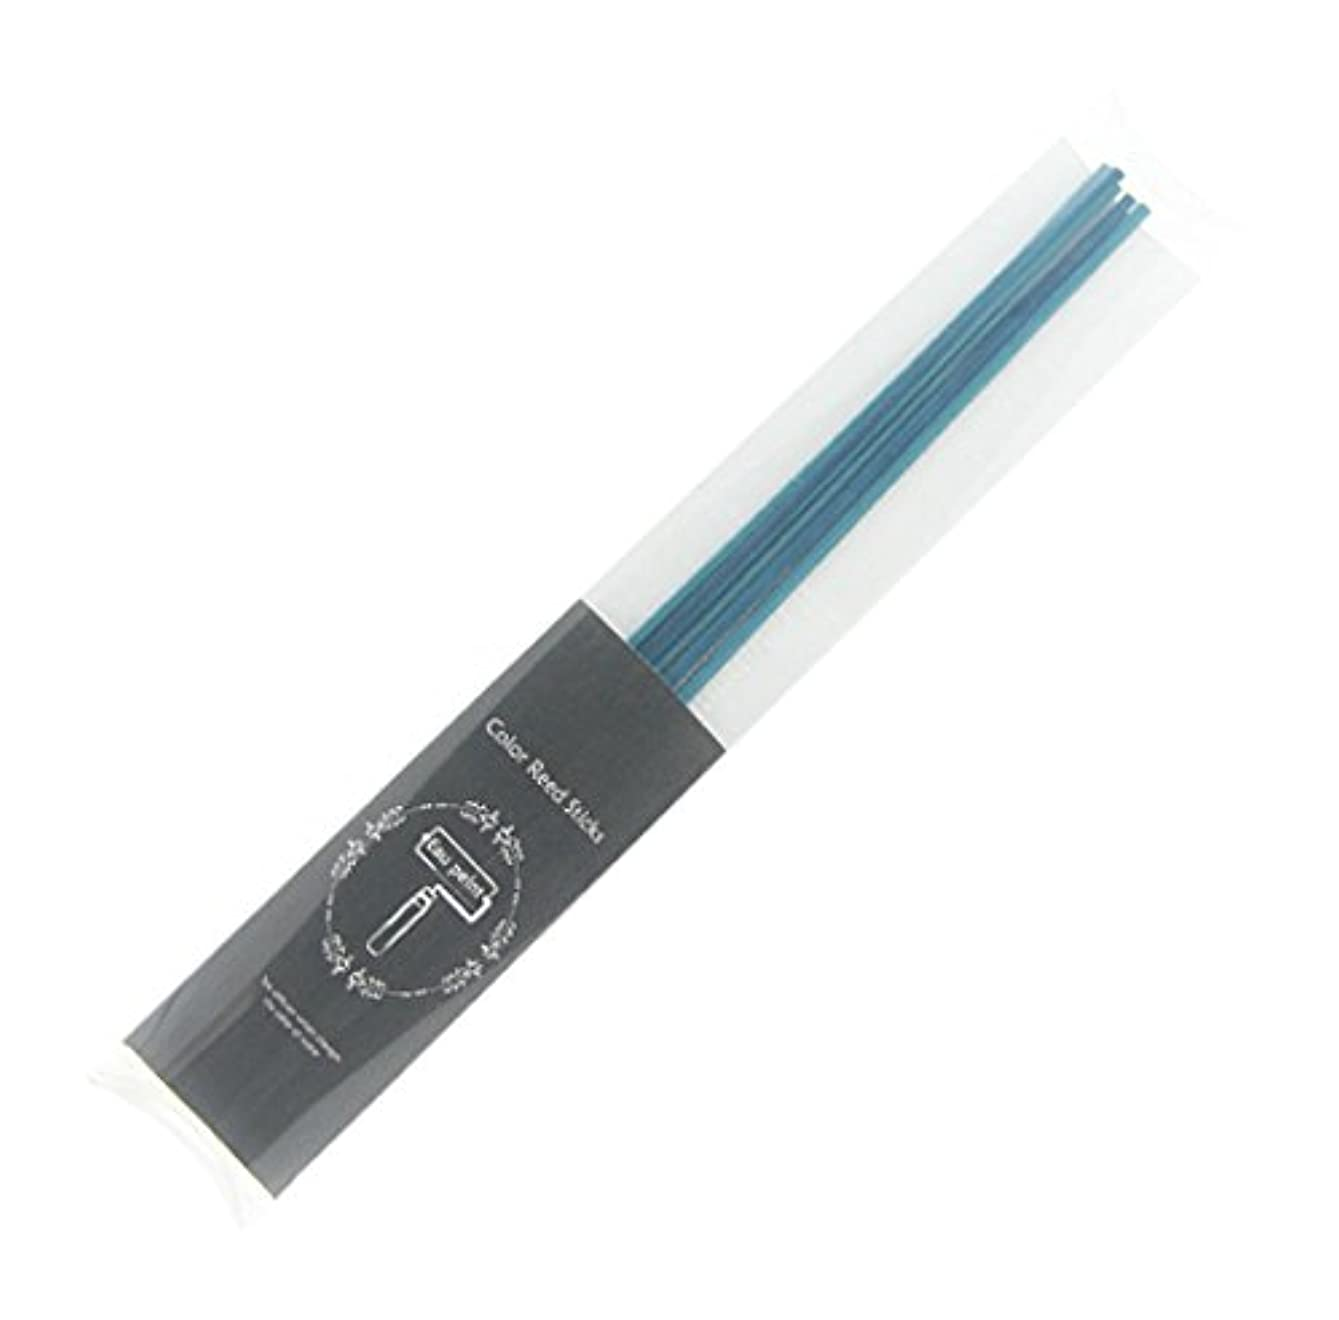 なだめるトロリーバス桃Eau peint mais+ カラースティック リードディフューザー用スティック 5本入 ブルー Blue オーペイント マイス